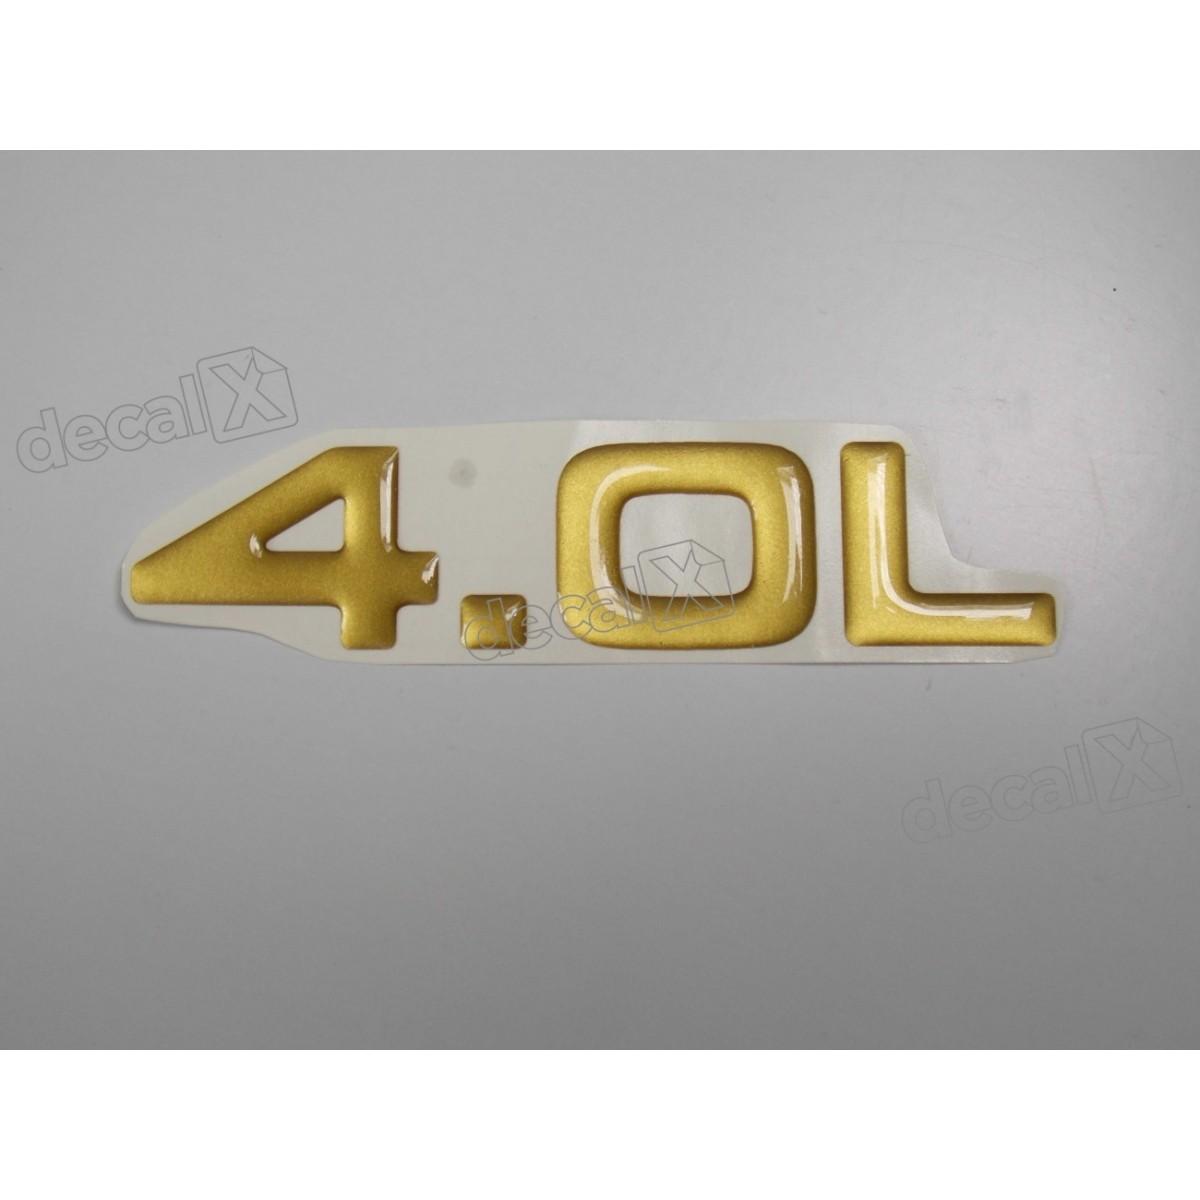 Emblema Adesivo Resinado 4.0l Cherokee Dourado - Decalx